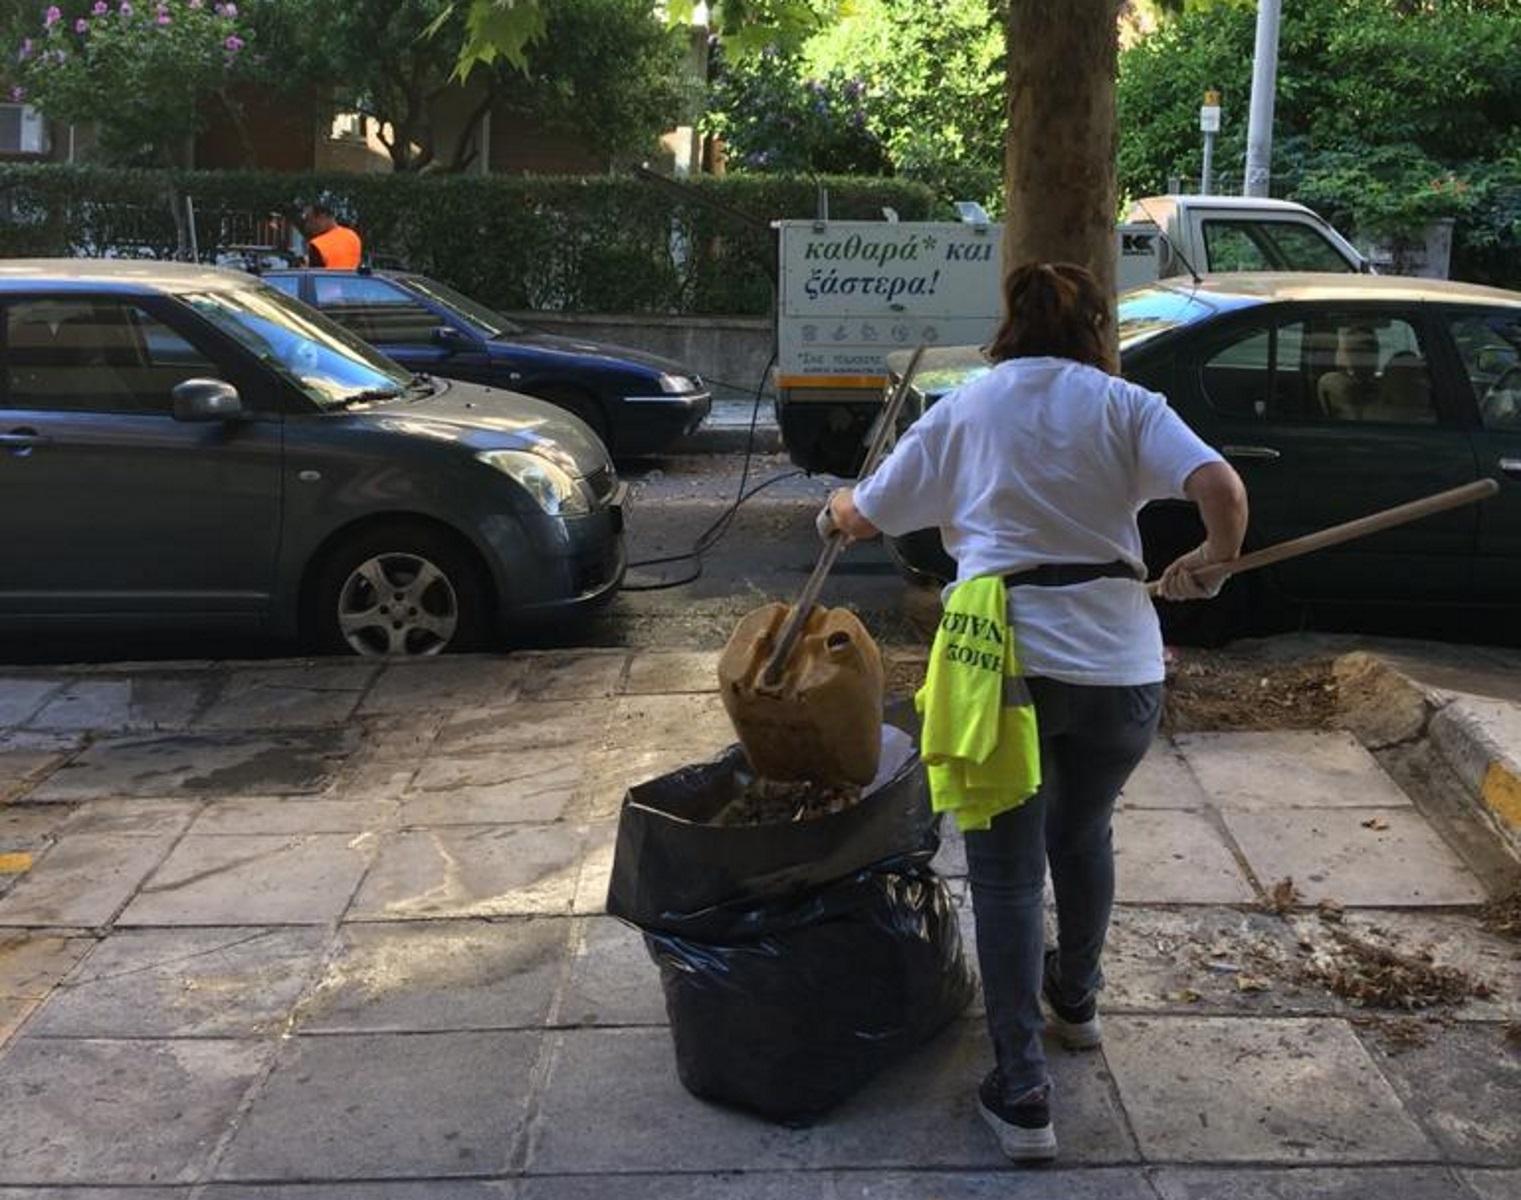 Στους Αμπελοκήπους η σημερινή Κυριακάτικη δράση καθαριότητας του Δήμου Αθηναίων (pics)